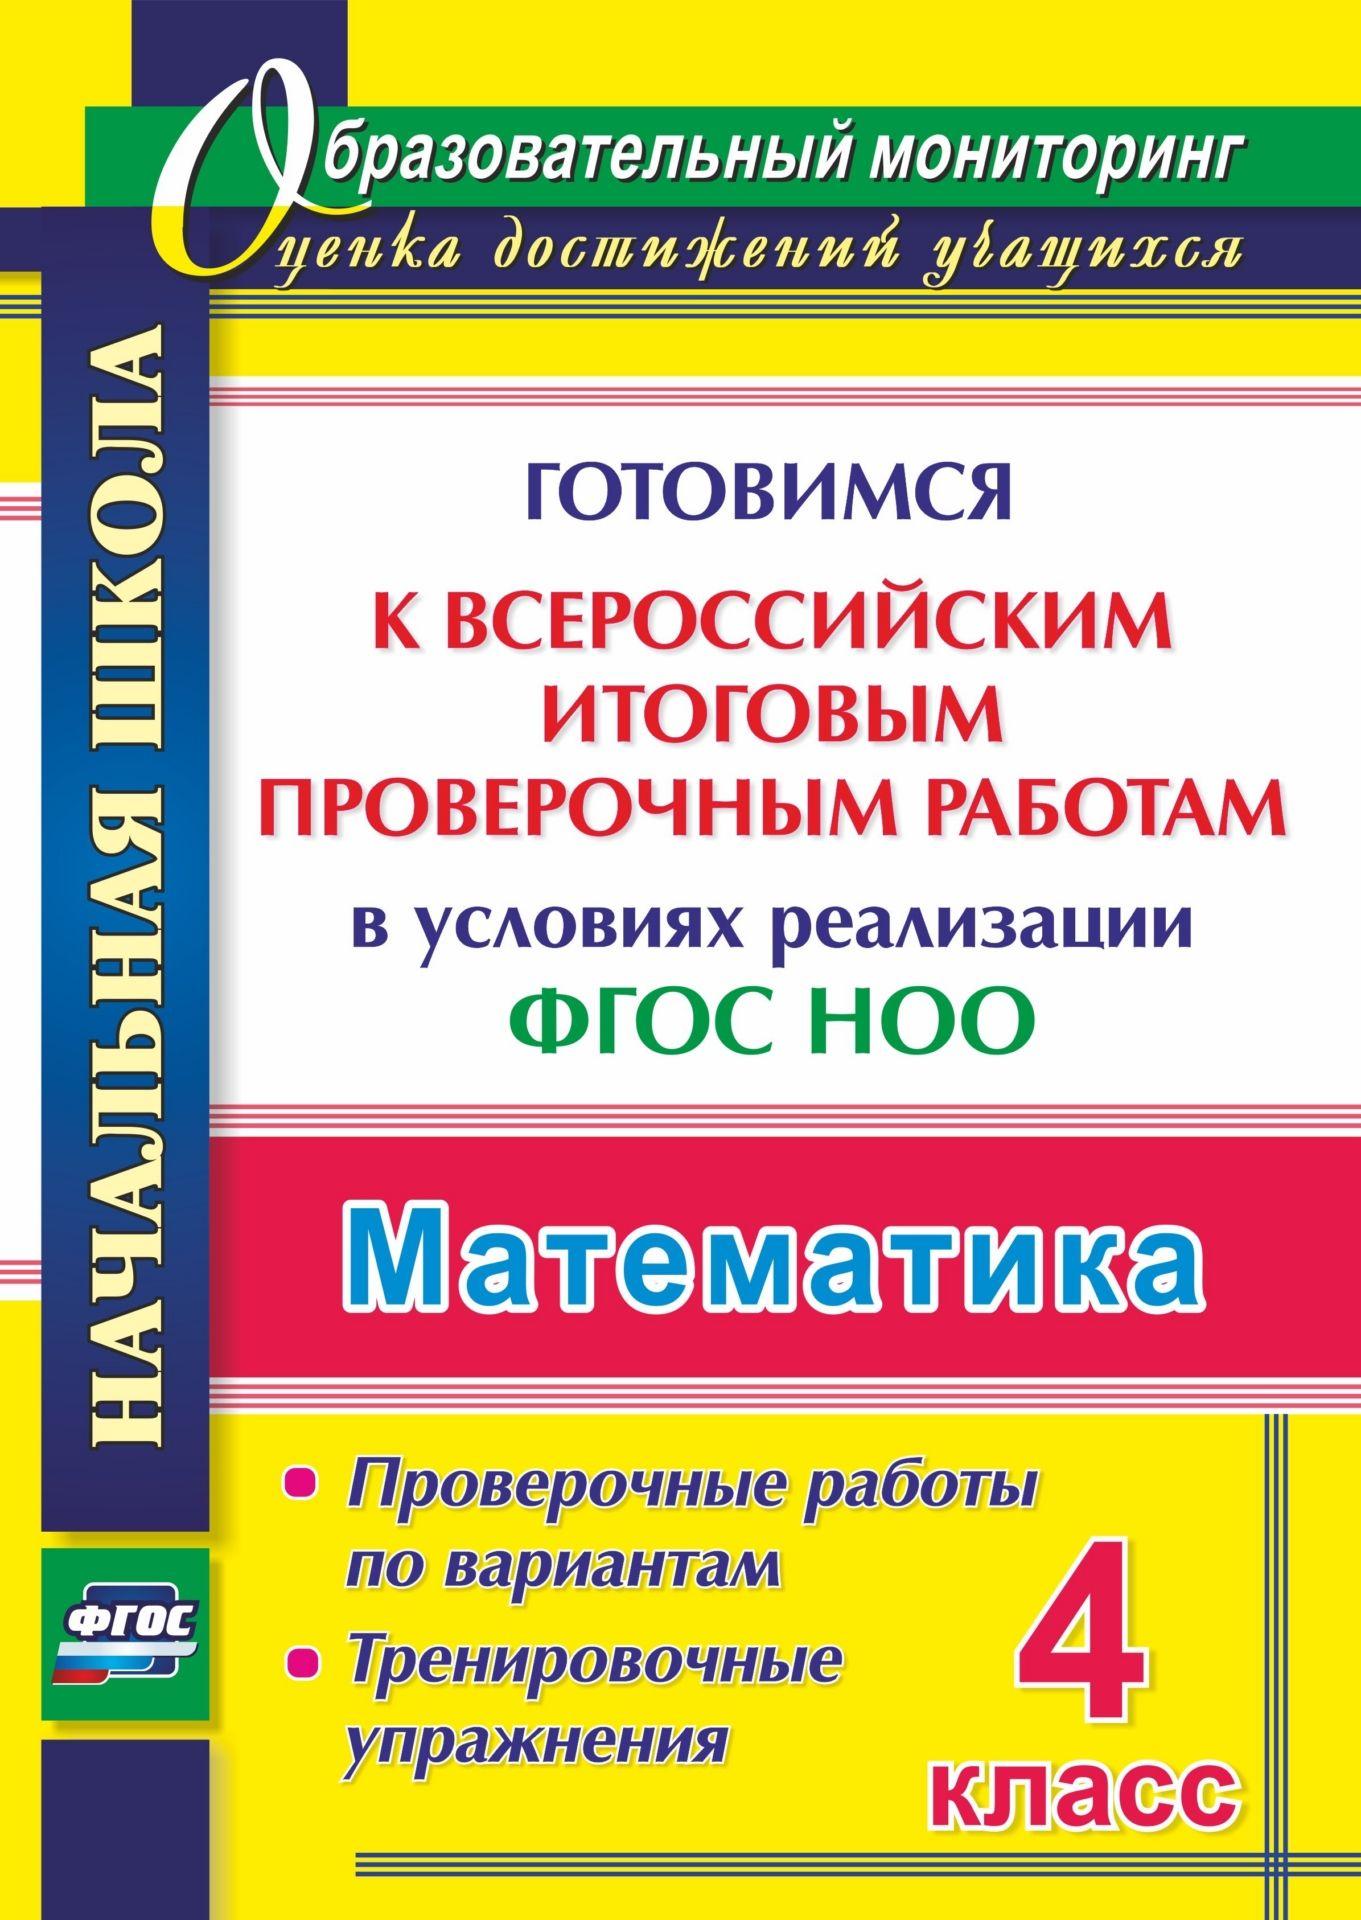 Н. В. Лободина Математика. 4 класс. Готовимся к Всероссийским итоговым проверочным работам в условиях реализации ФГОС НОО: проверочные работы по вариантам, тренировочные упражнения